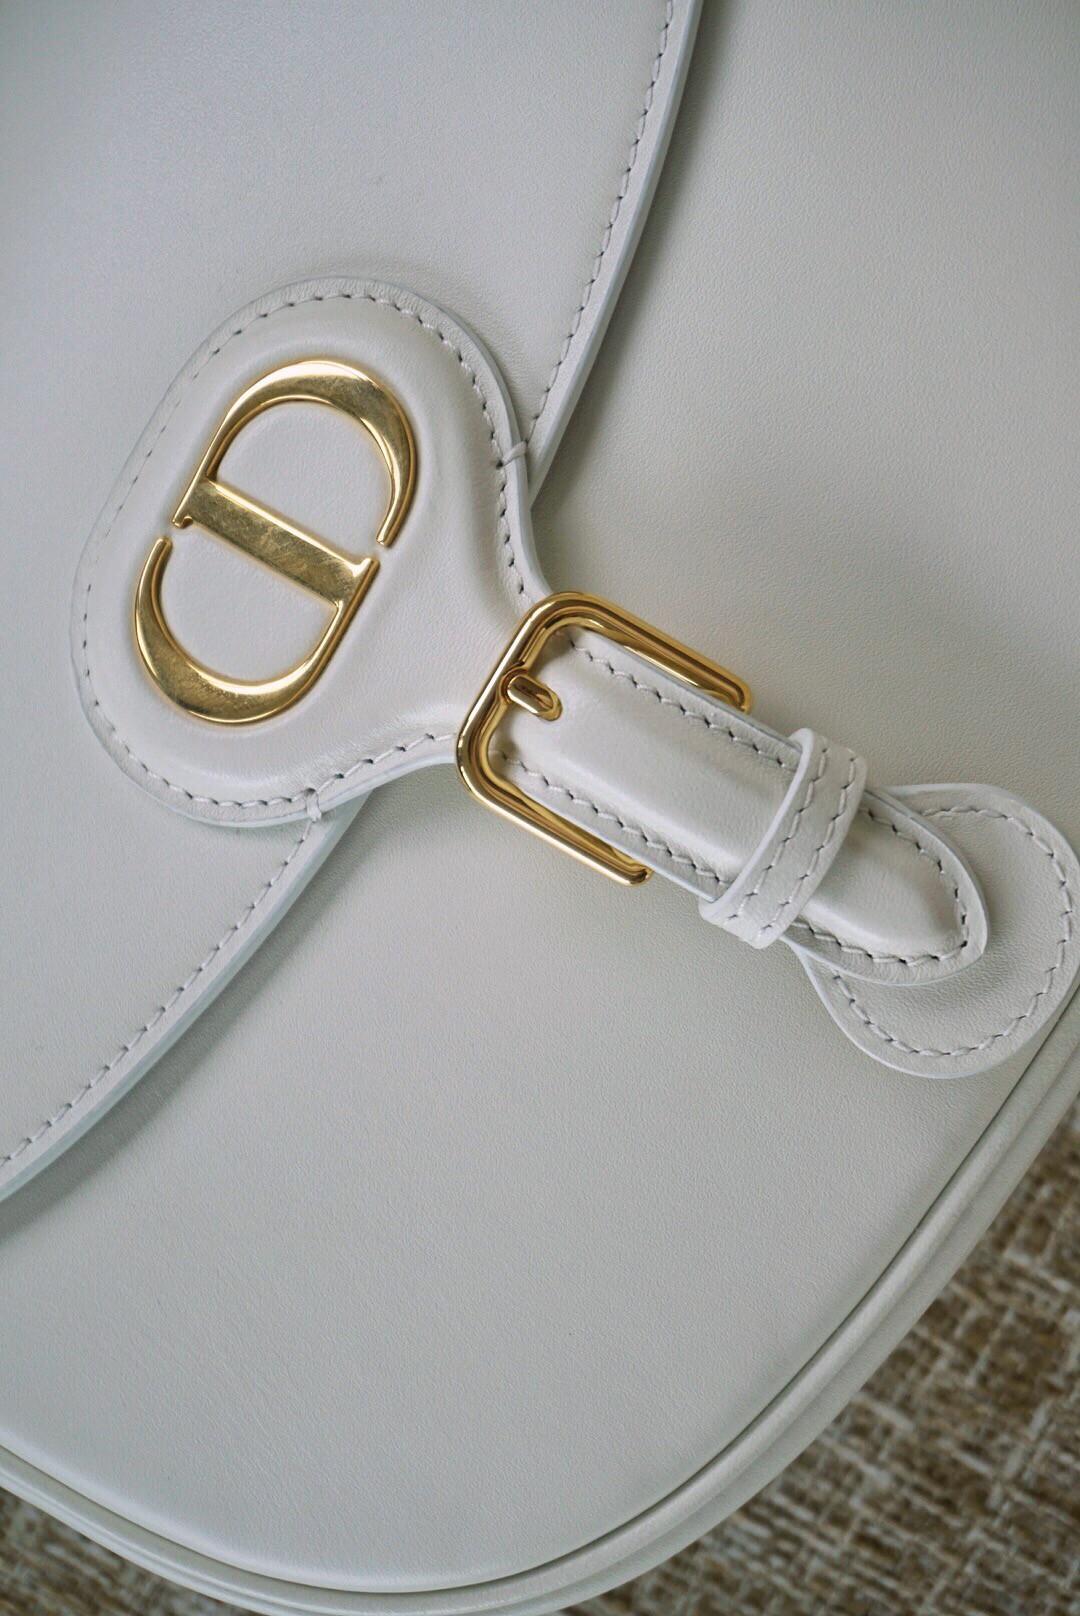 Dior 迪奥 Bobby 中号 22cm 白色 清新淡雅